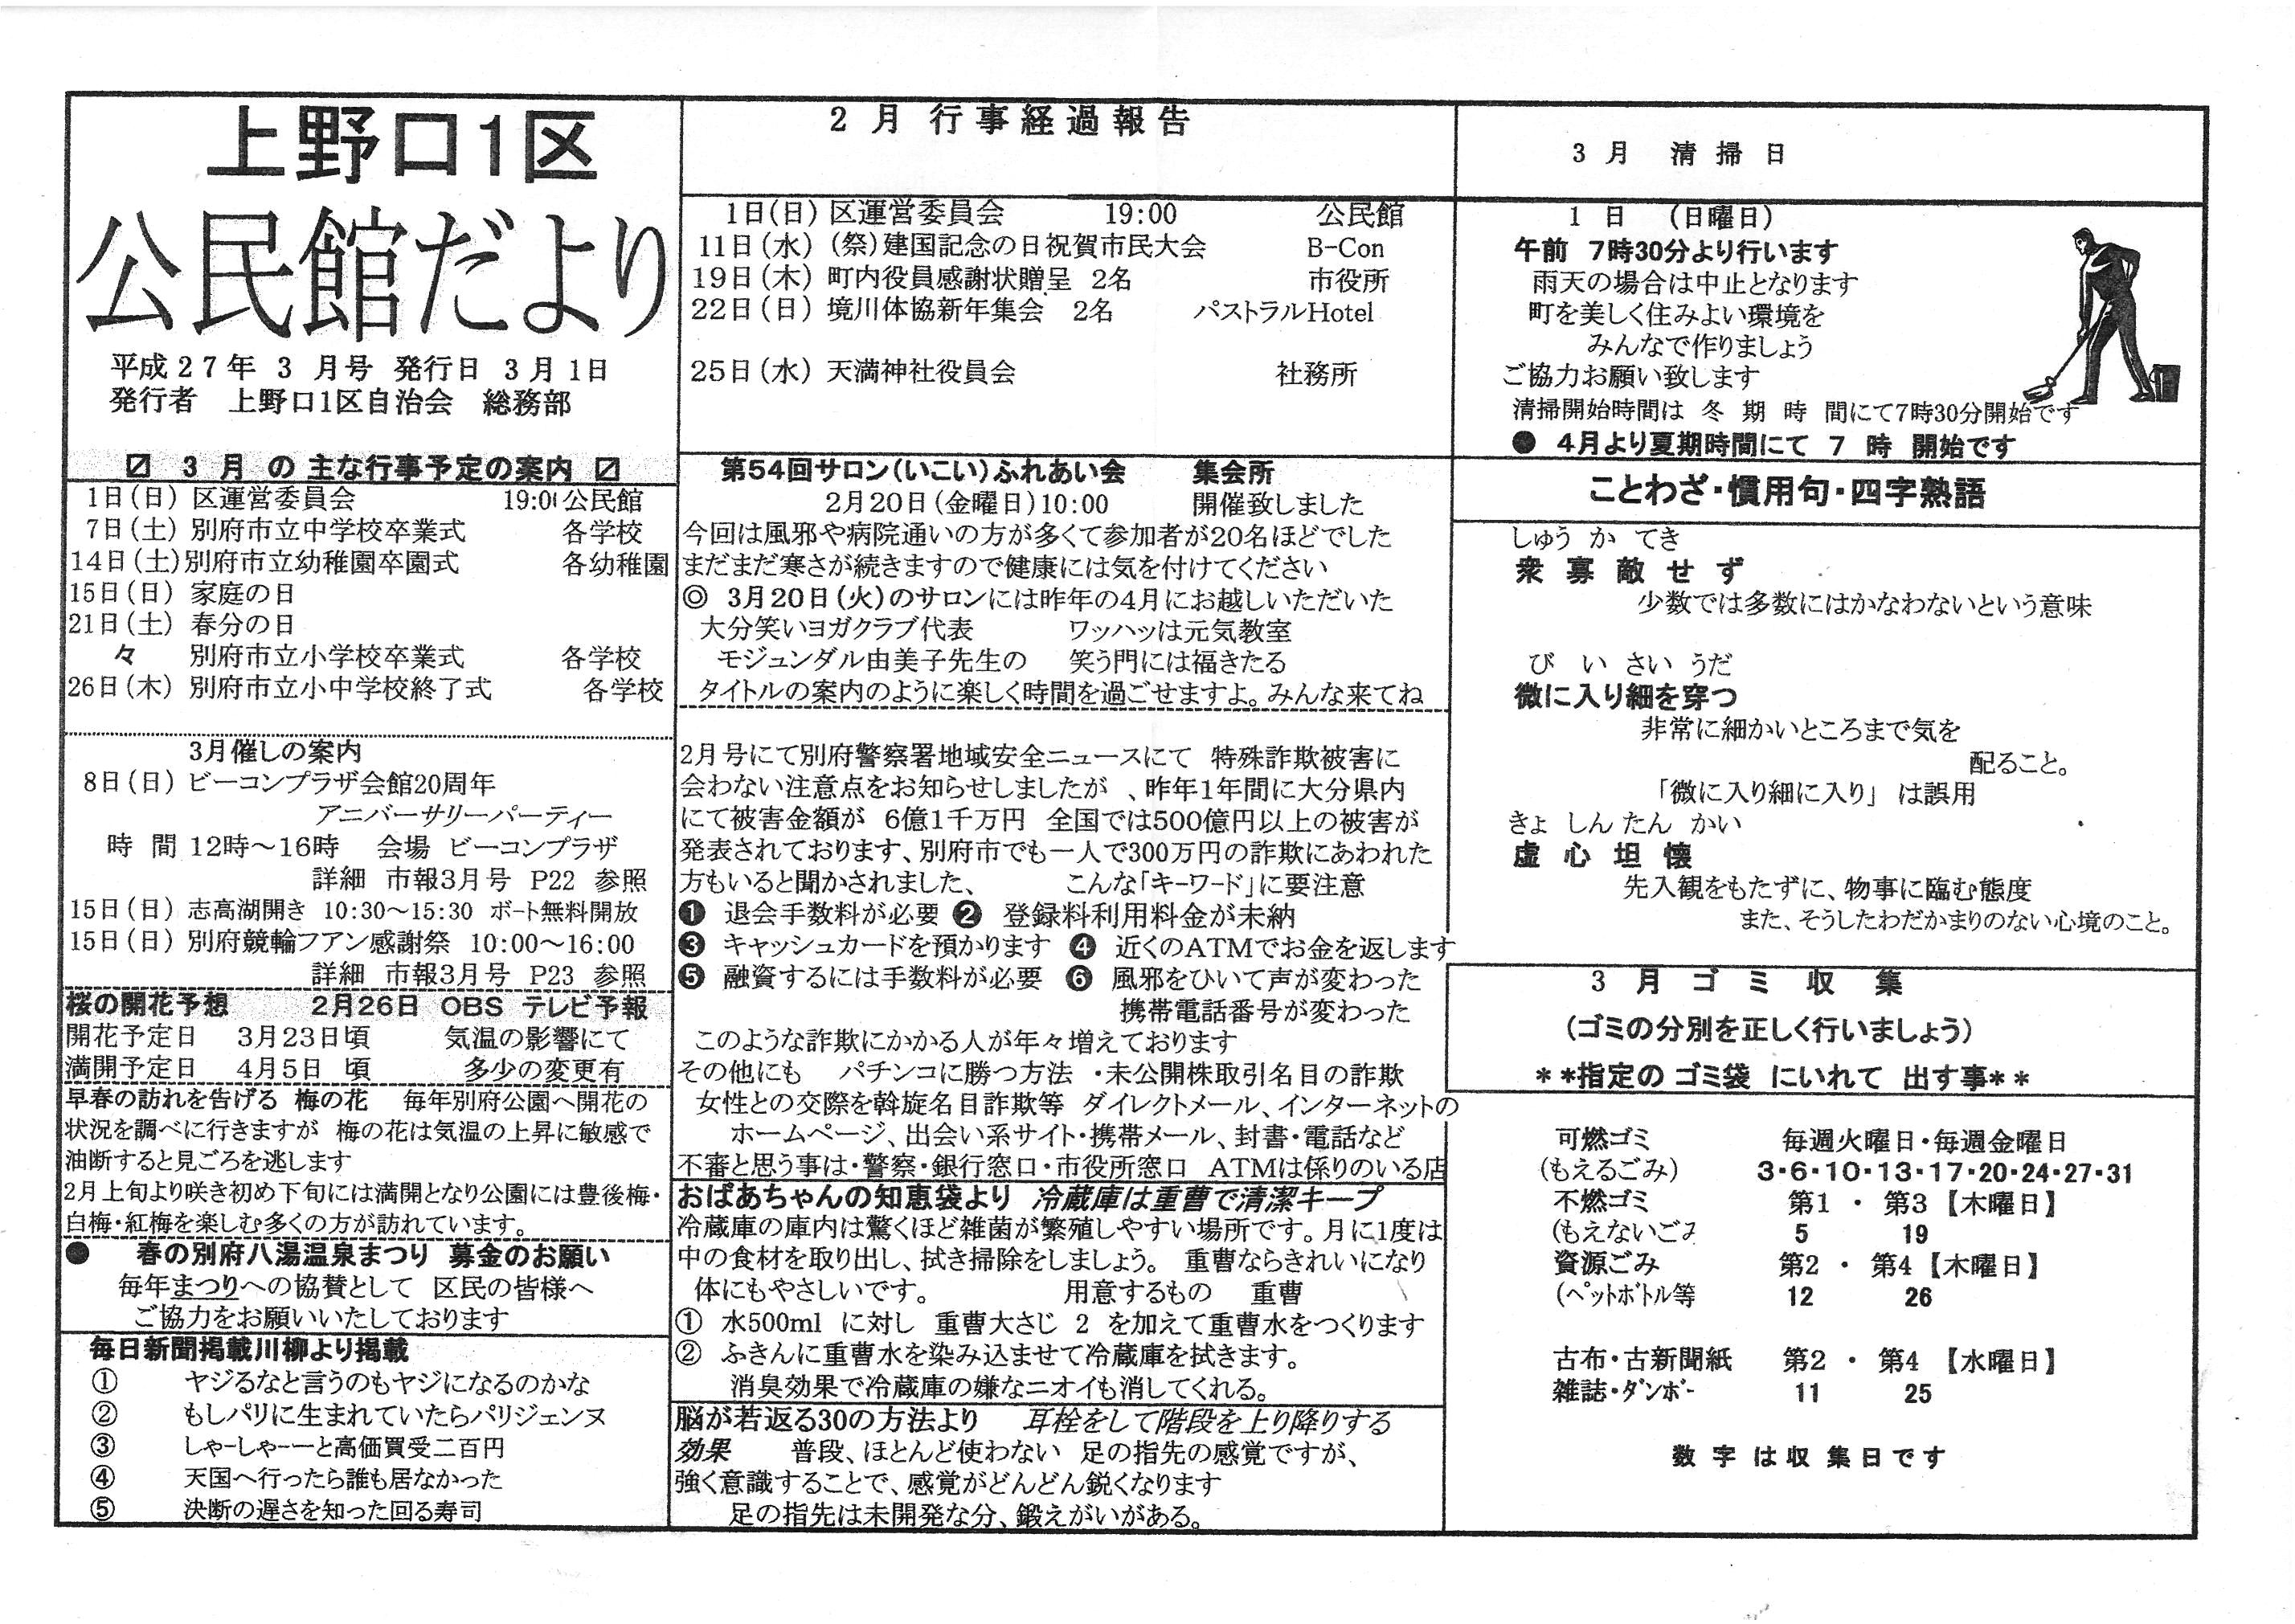 kaminoguchi1ku_2015_03